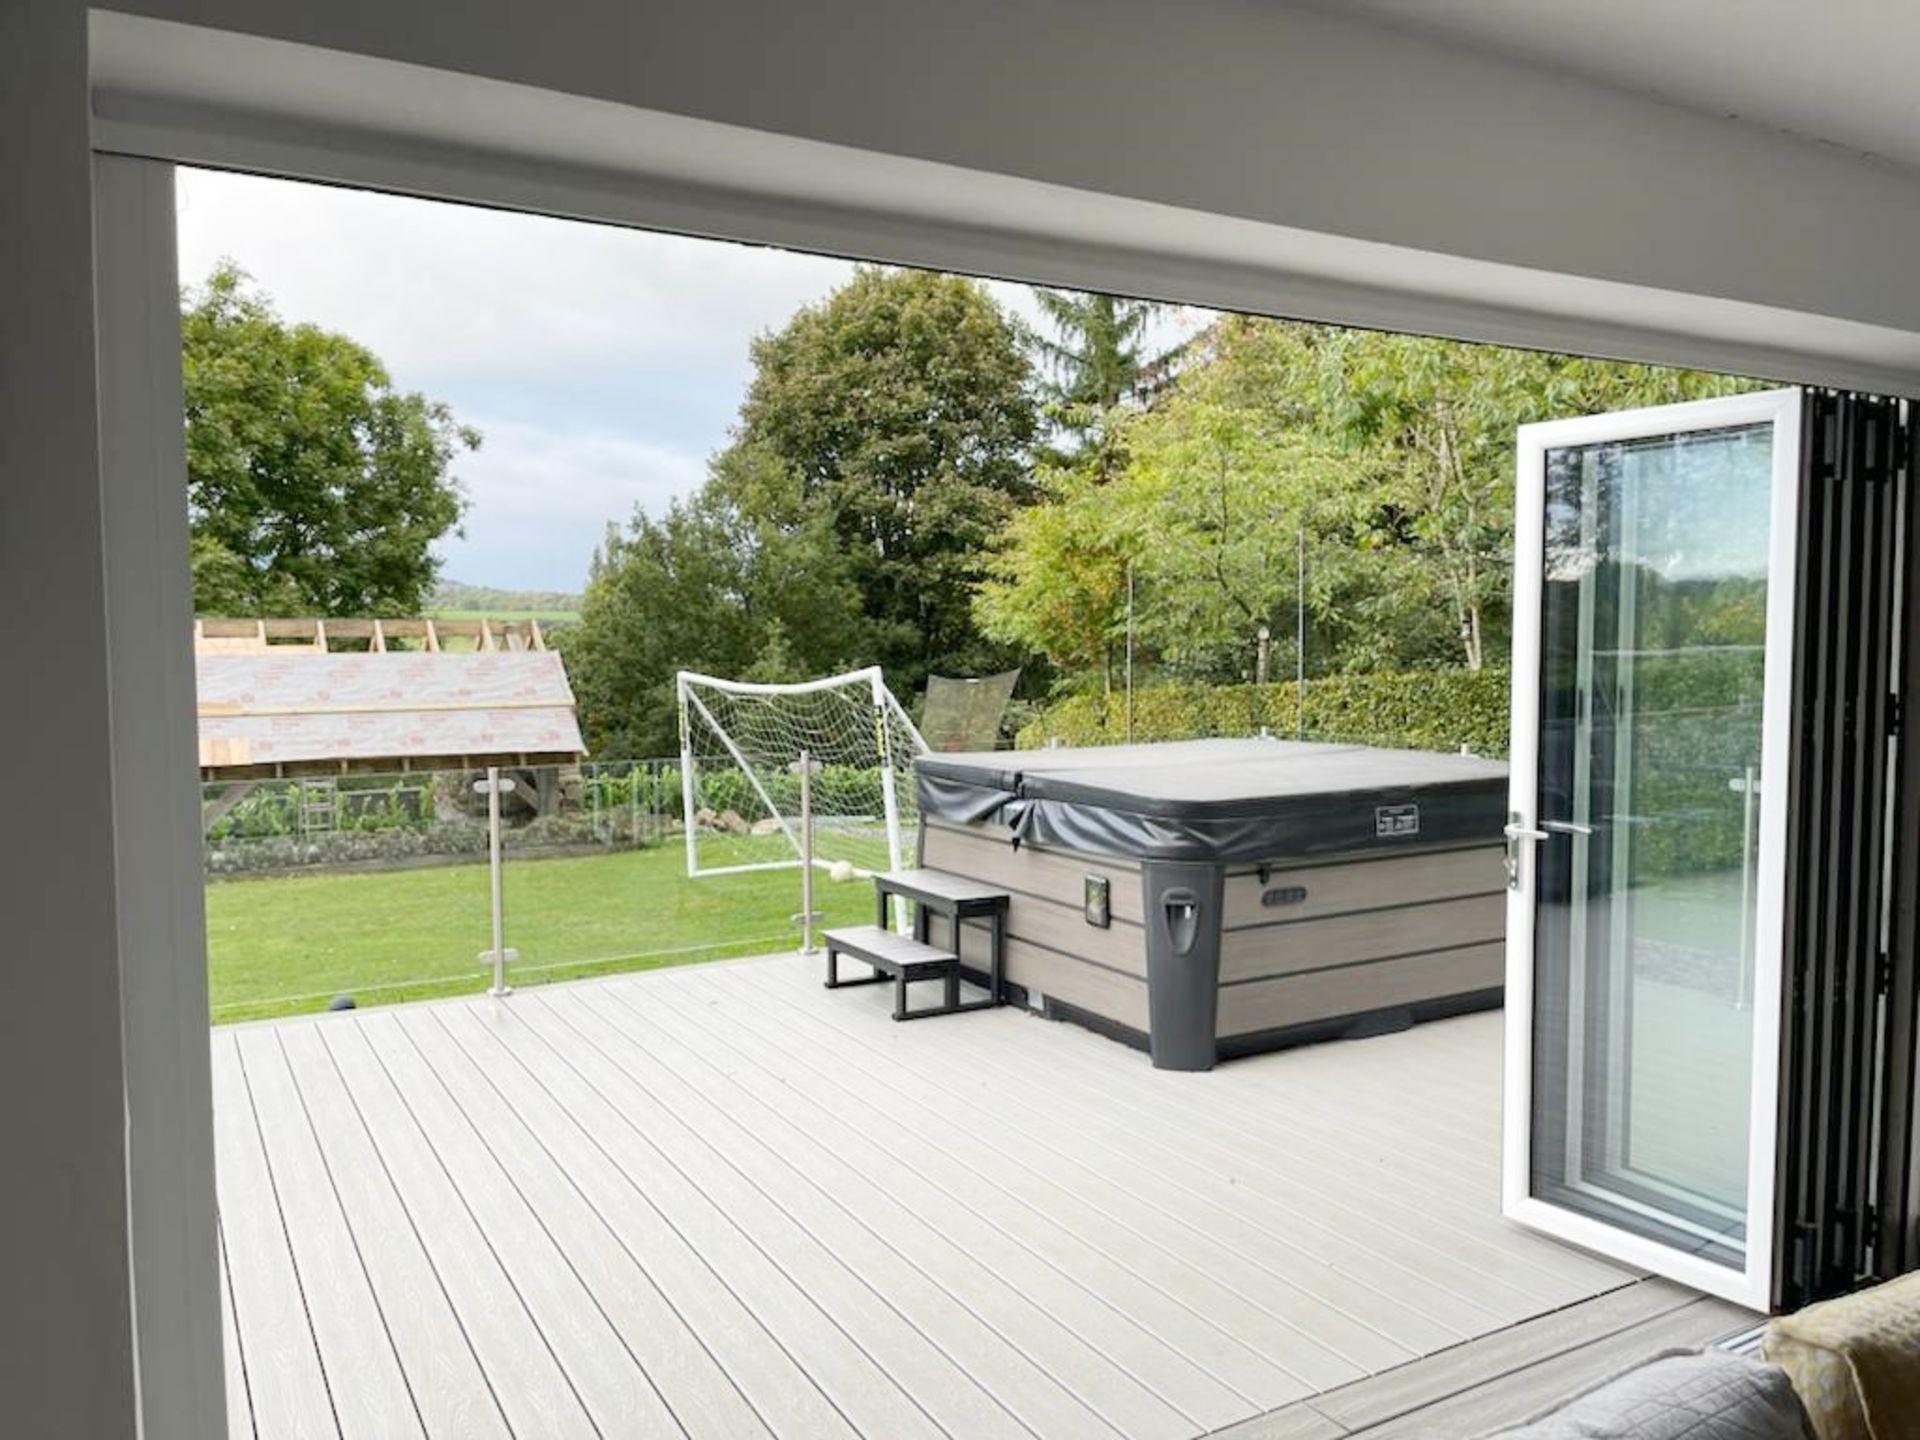 1 x Slide And Fold Bi Fold Doors Including Frames - CL685 - Location: Blackburn BB6 - NO VAT On - Image 6 of 7